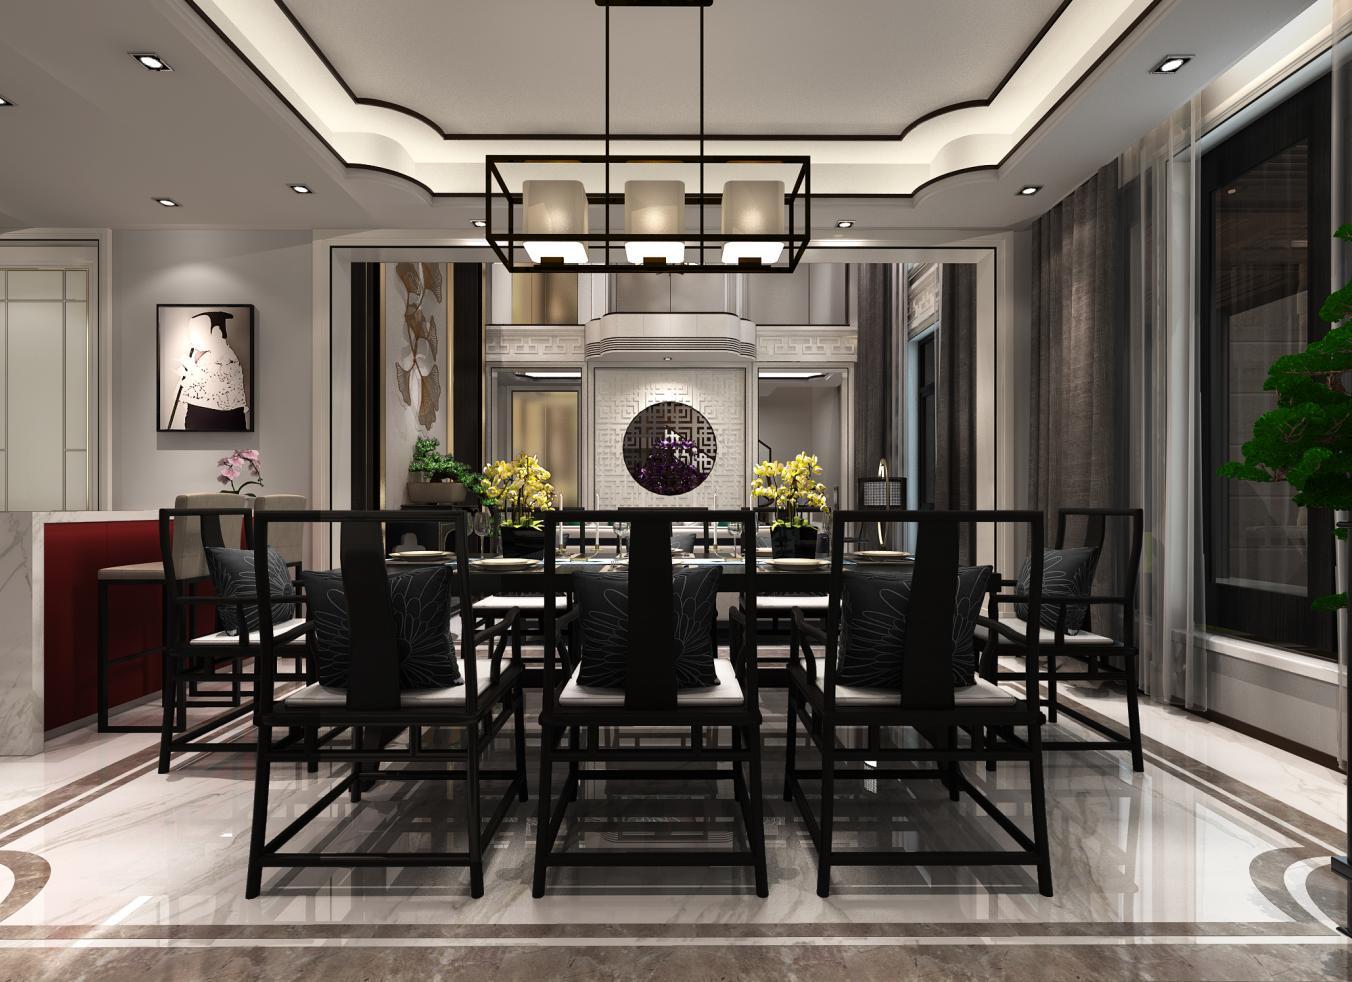 法兰西世家 别墅装修 新中式风格 腾龙设计 餐厅图片来自孔继民在法兰西世家别墅装修新中式设计的分享